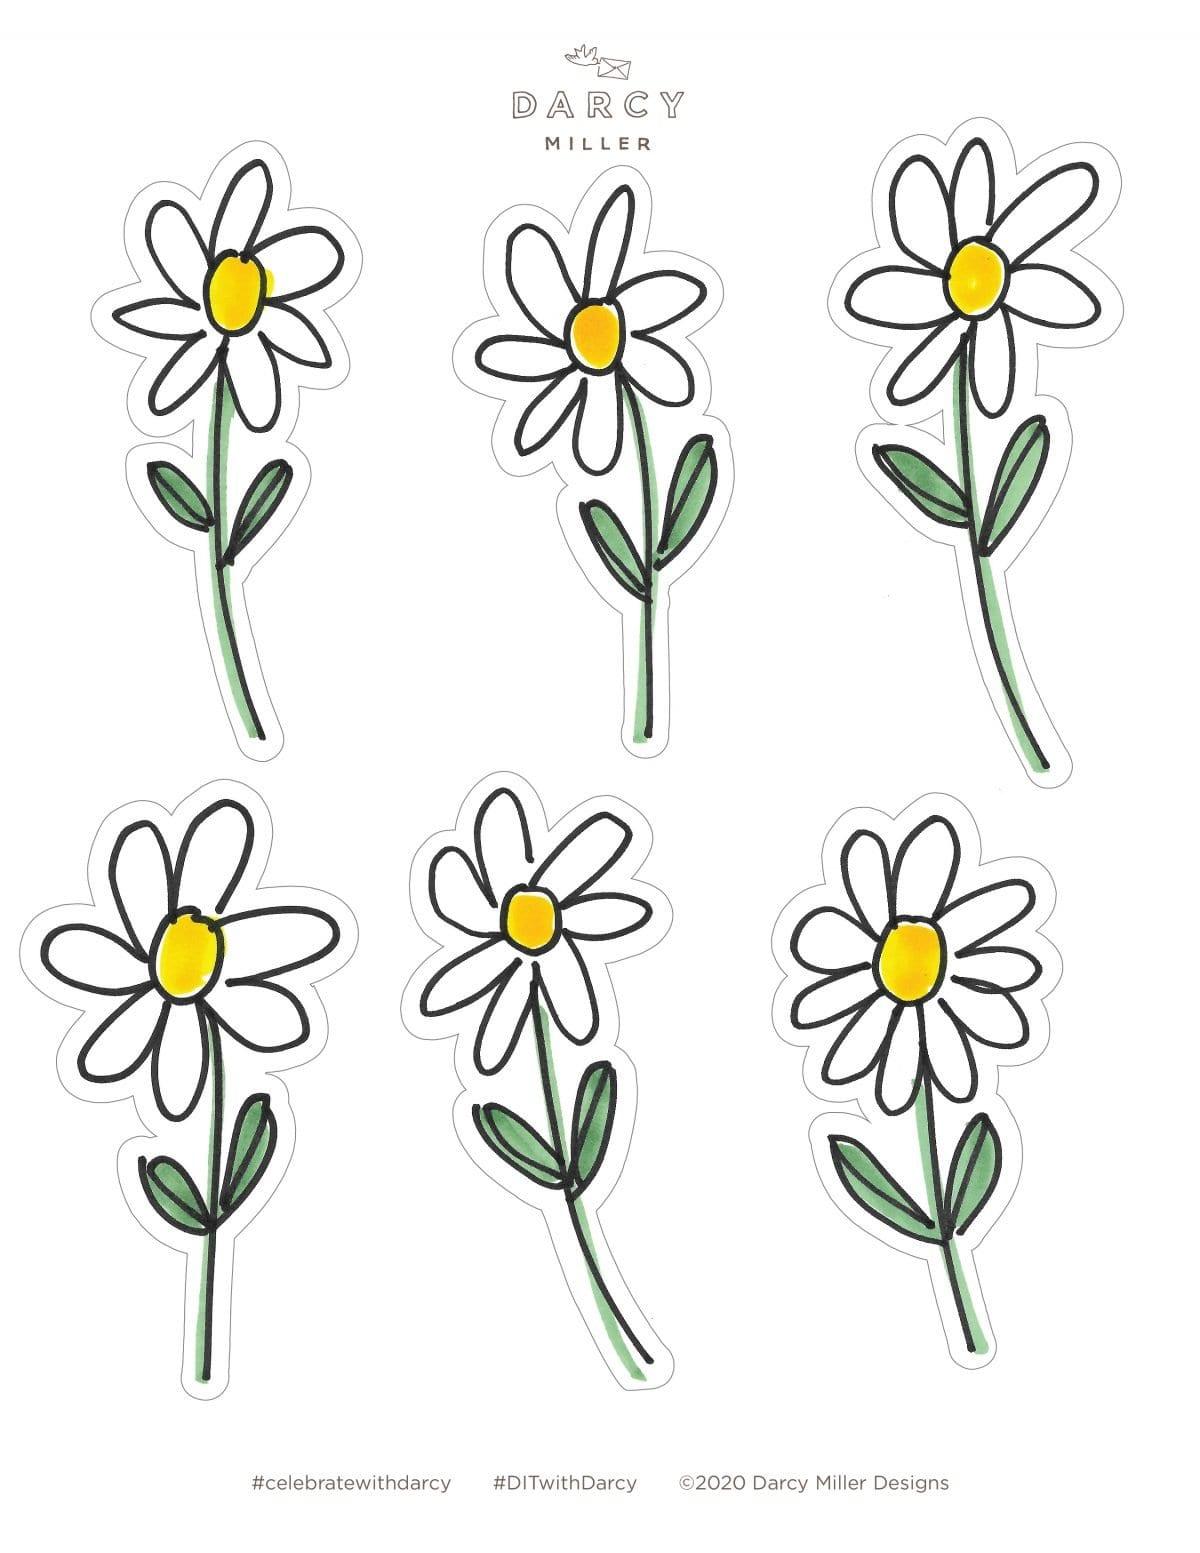 Darcy Miller Designs, Camp Darcy, flower